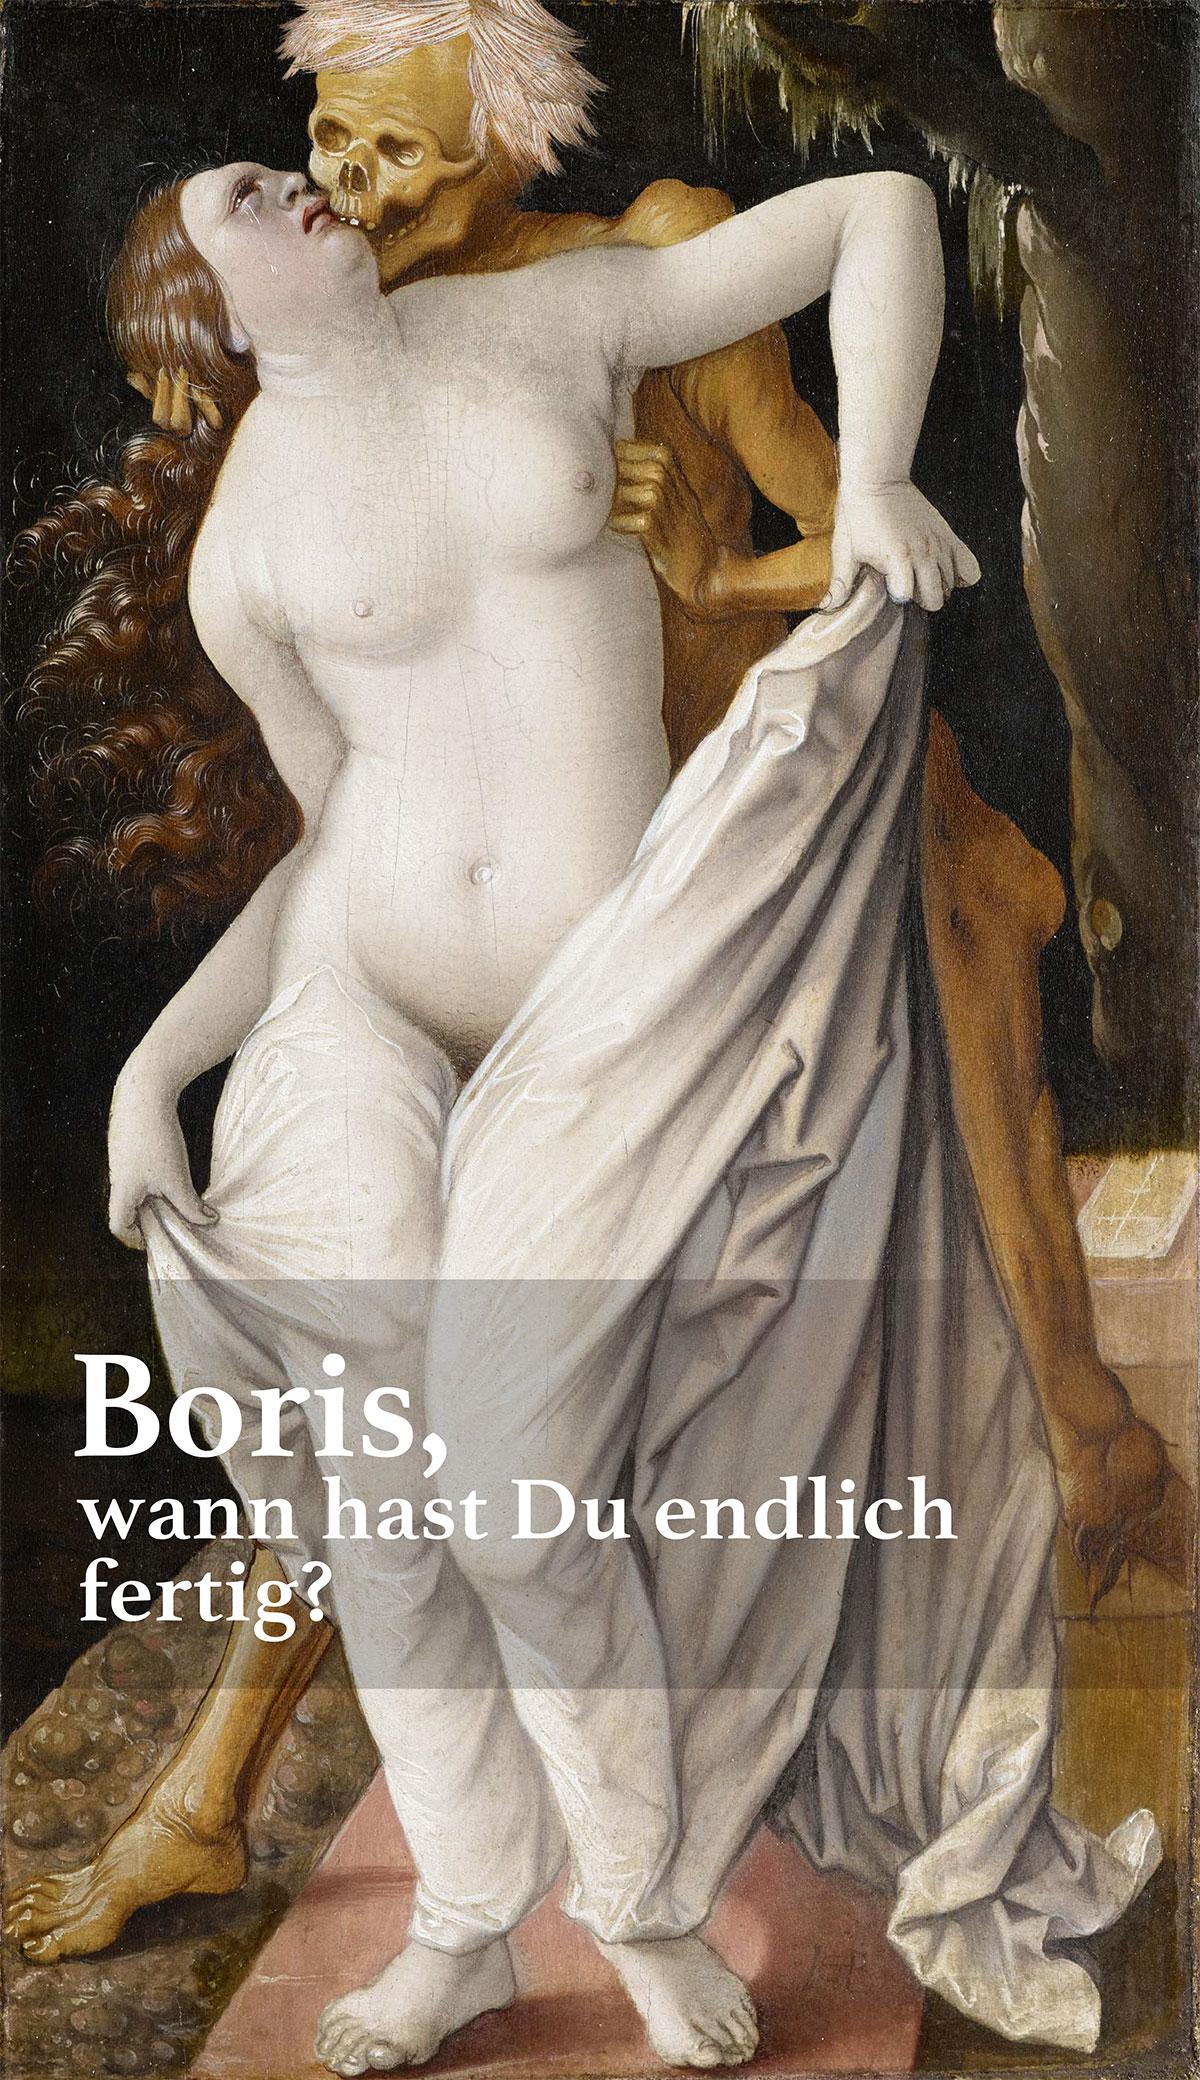 """Hans Baldung Grien """"Der Tod und die Frau"""" davor der Schriftzug """"Boris, wann hast Du endlich fertig?"""""""